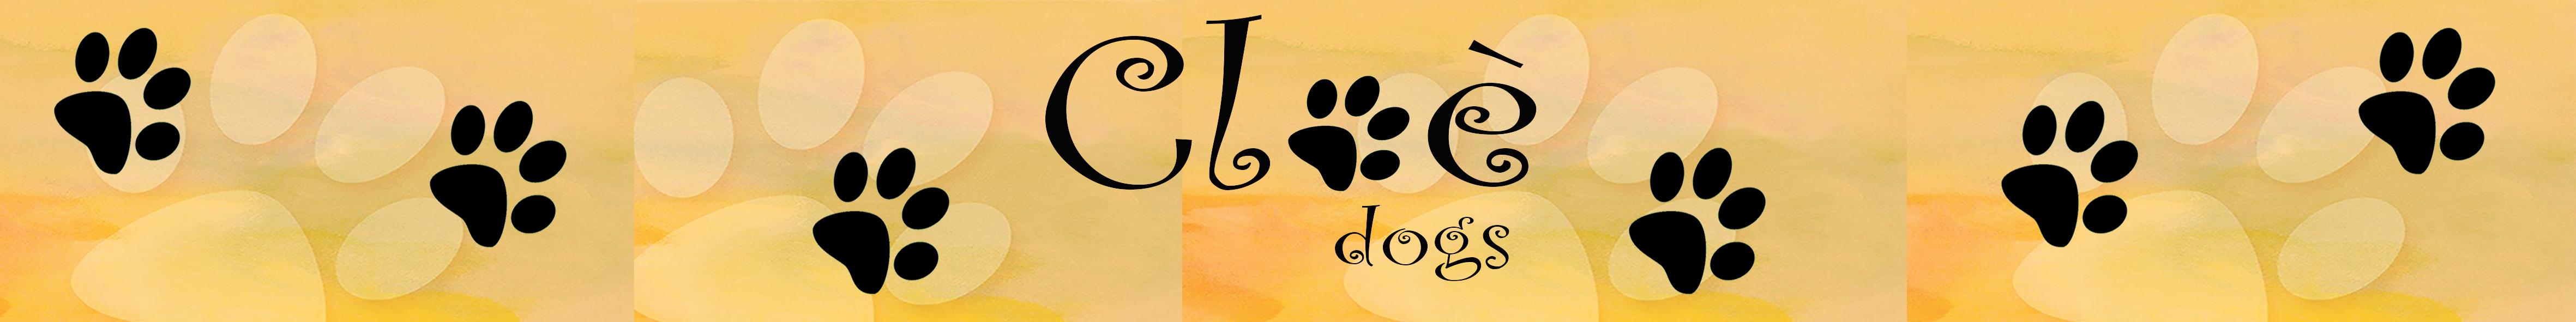 Cloedogs